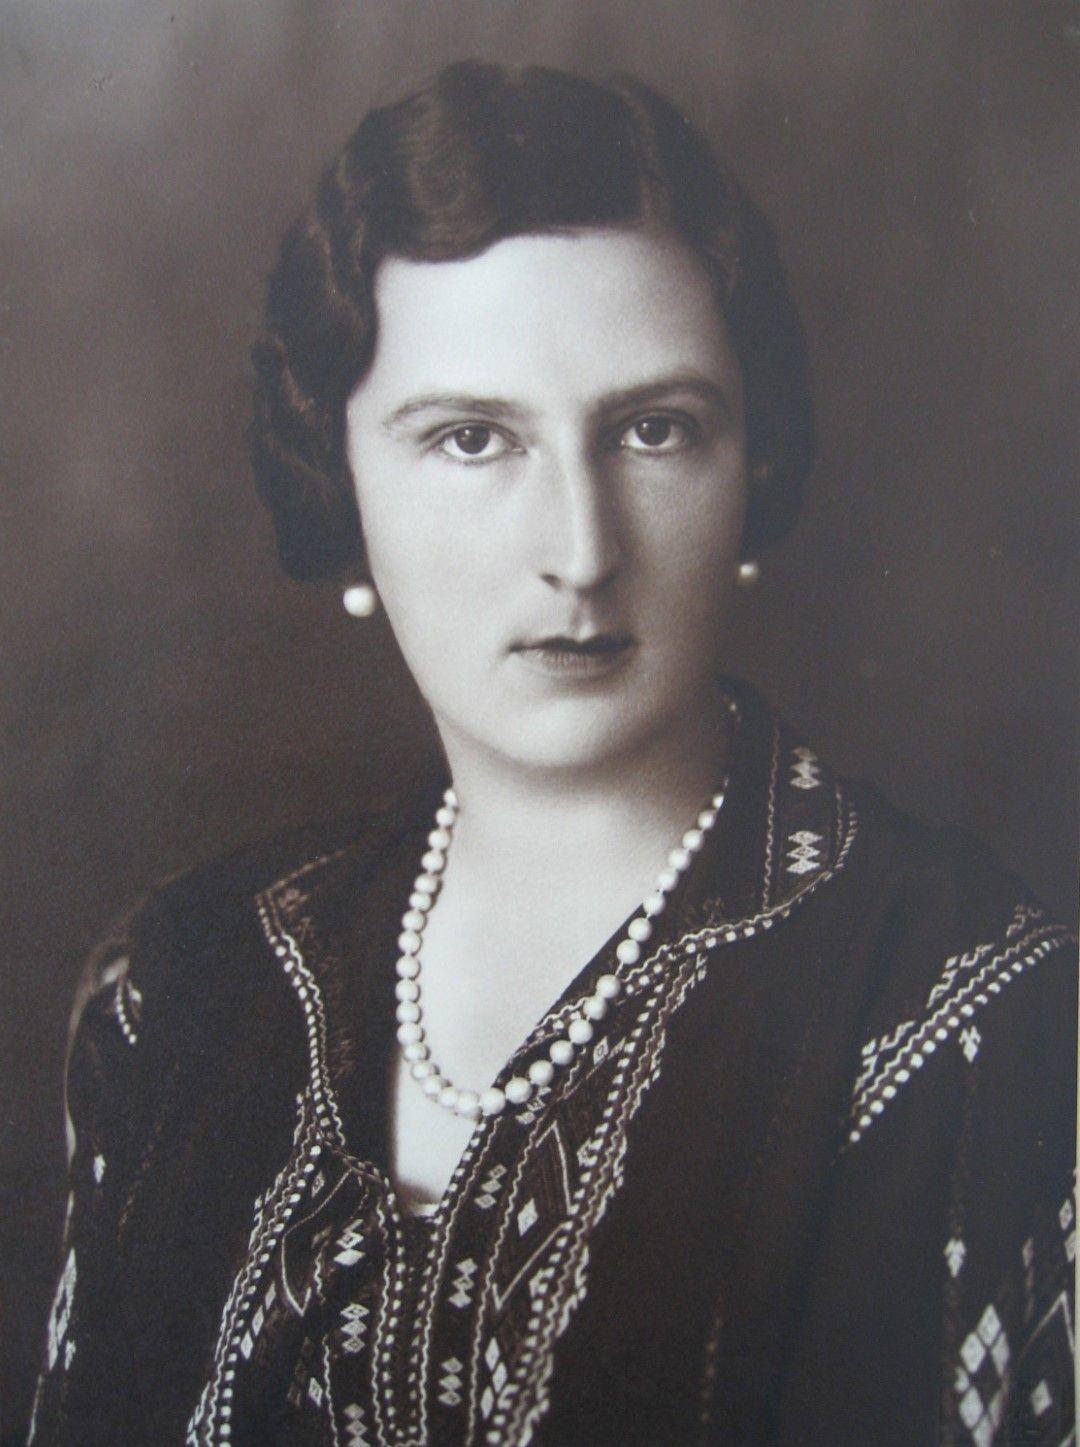 Цaрица Йоанна Савойска - портрет